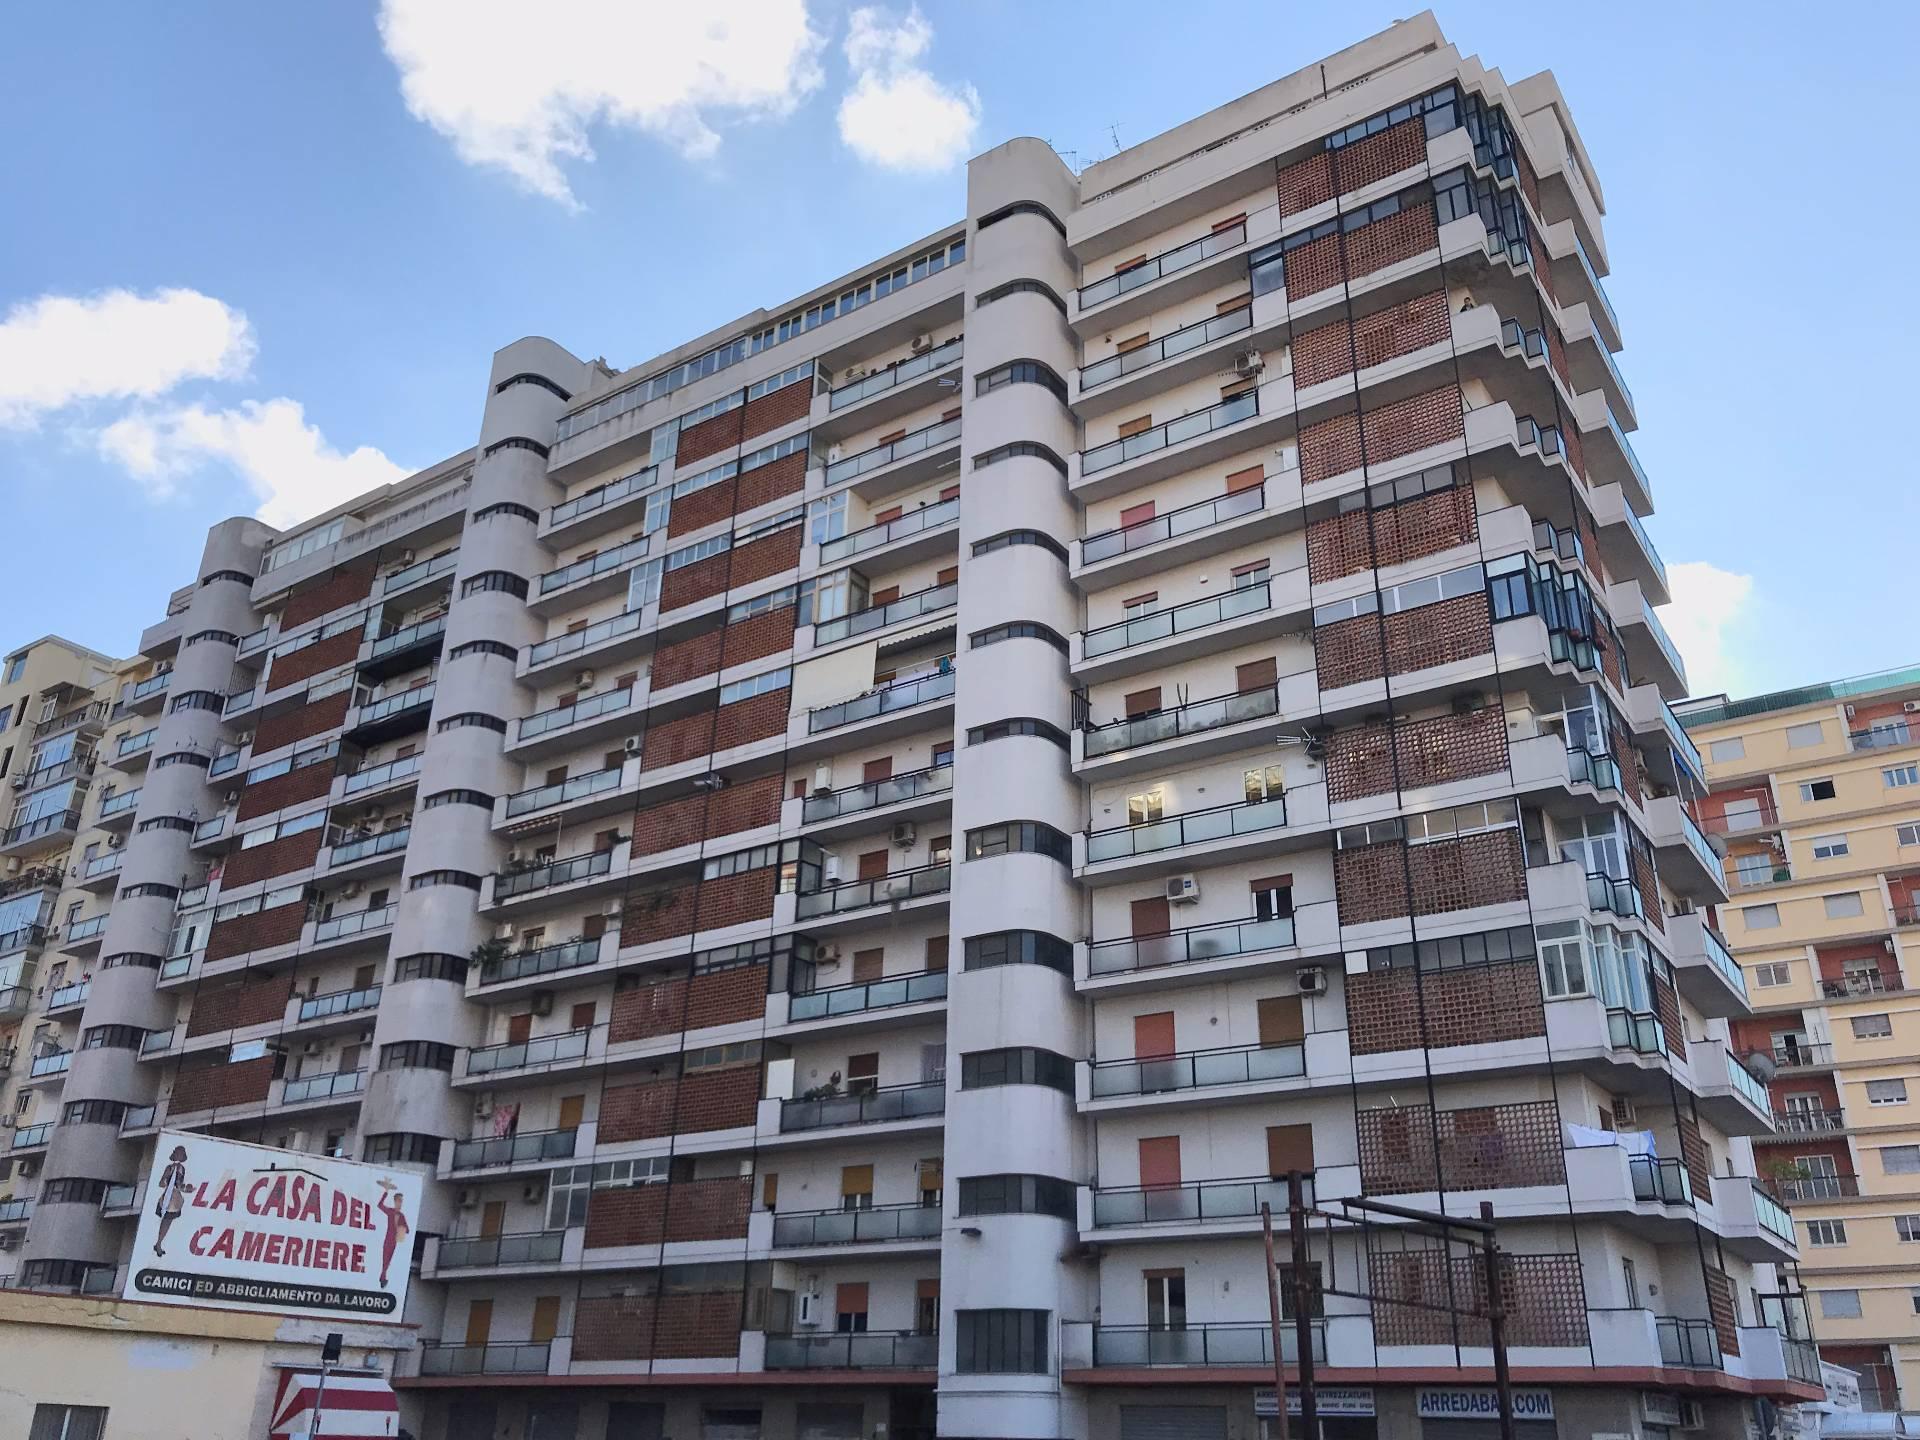 Appartamento in affitto a Palermo, 4 locali, zona Località: Lazio, prezzo € 550 | CambioCasa.it